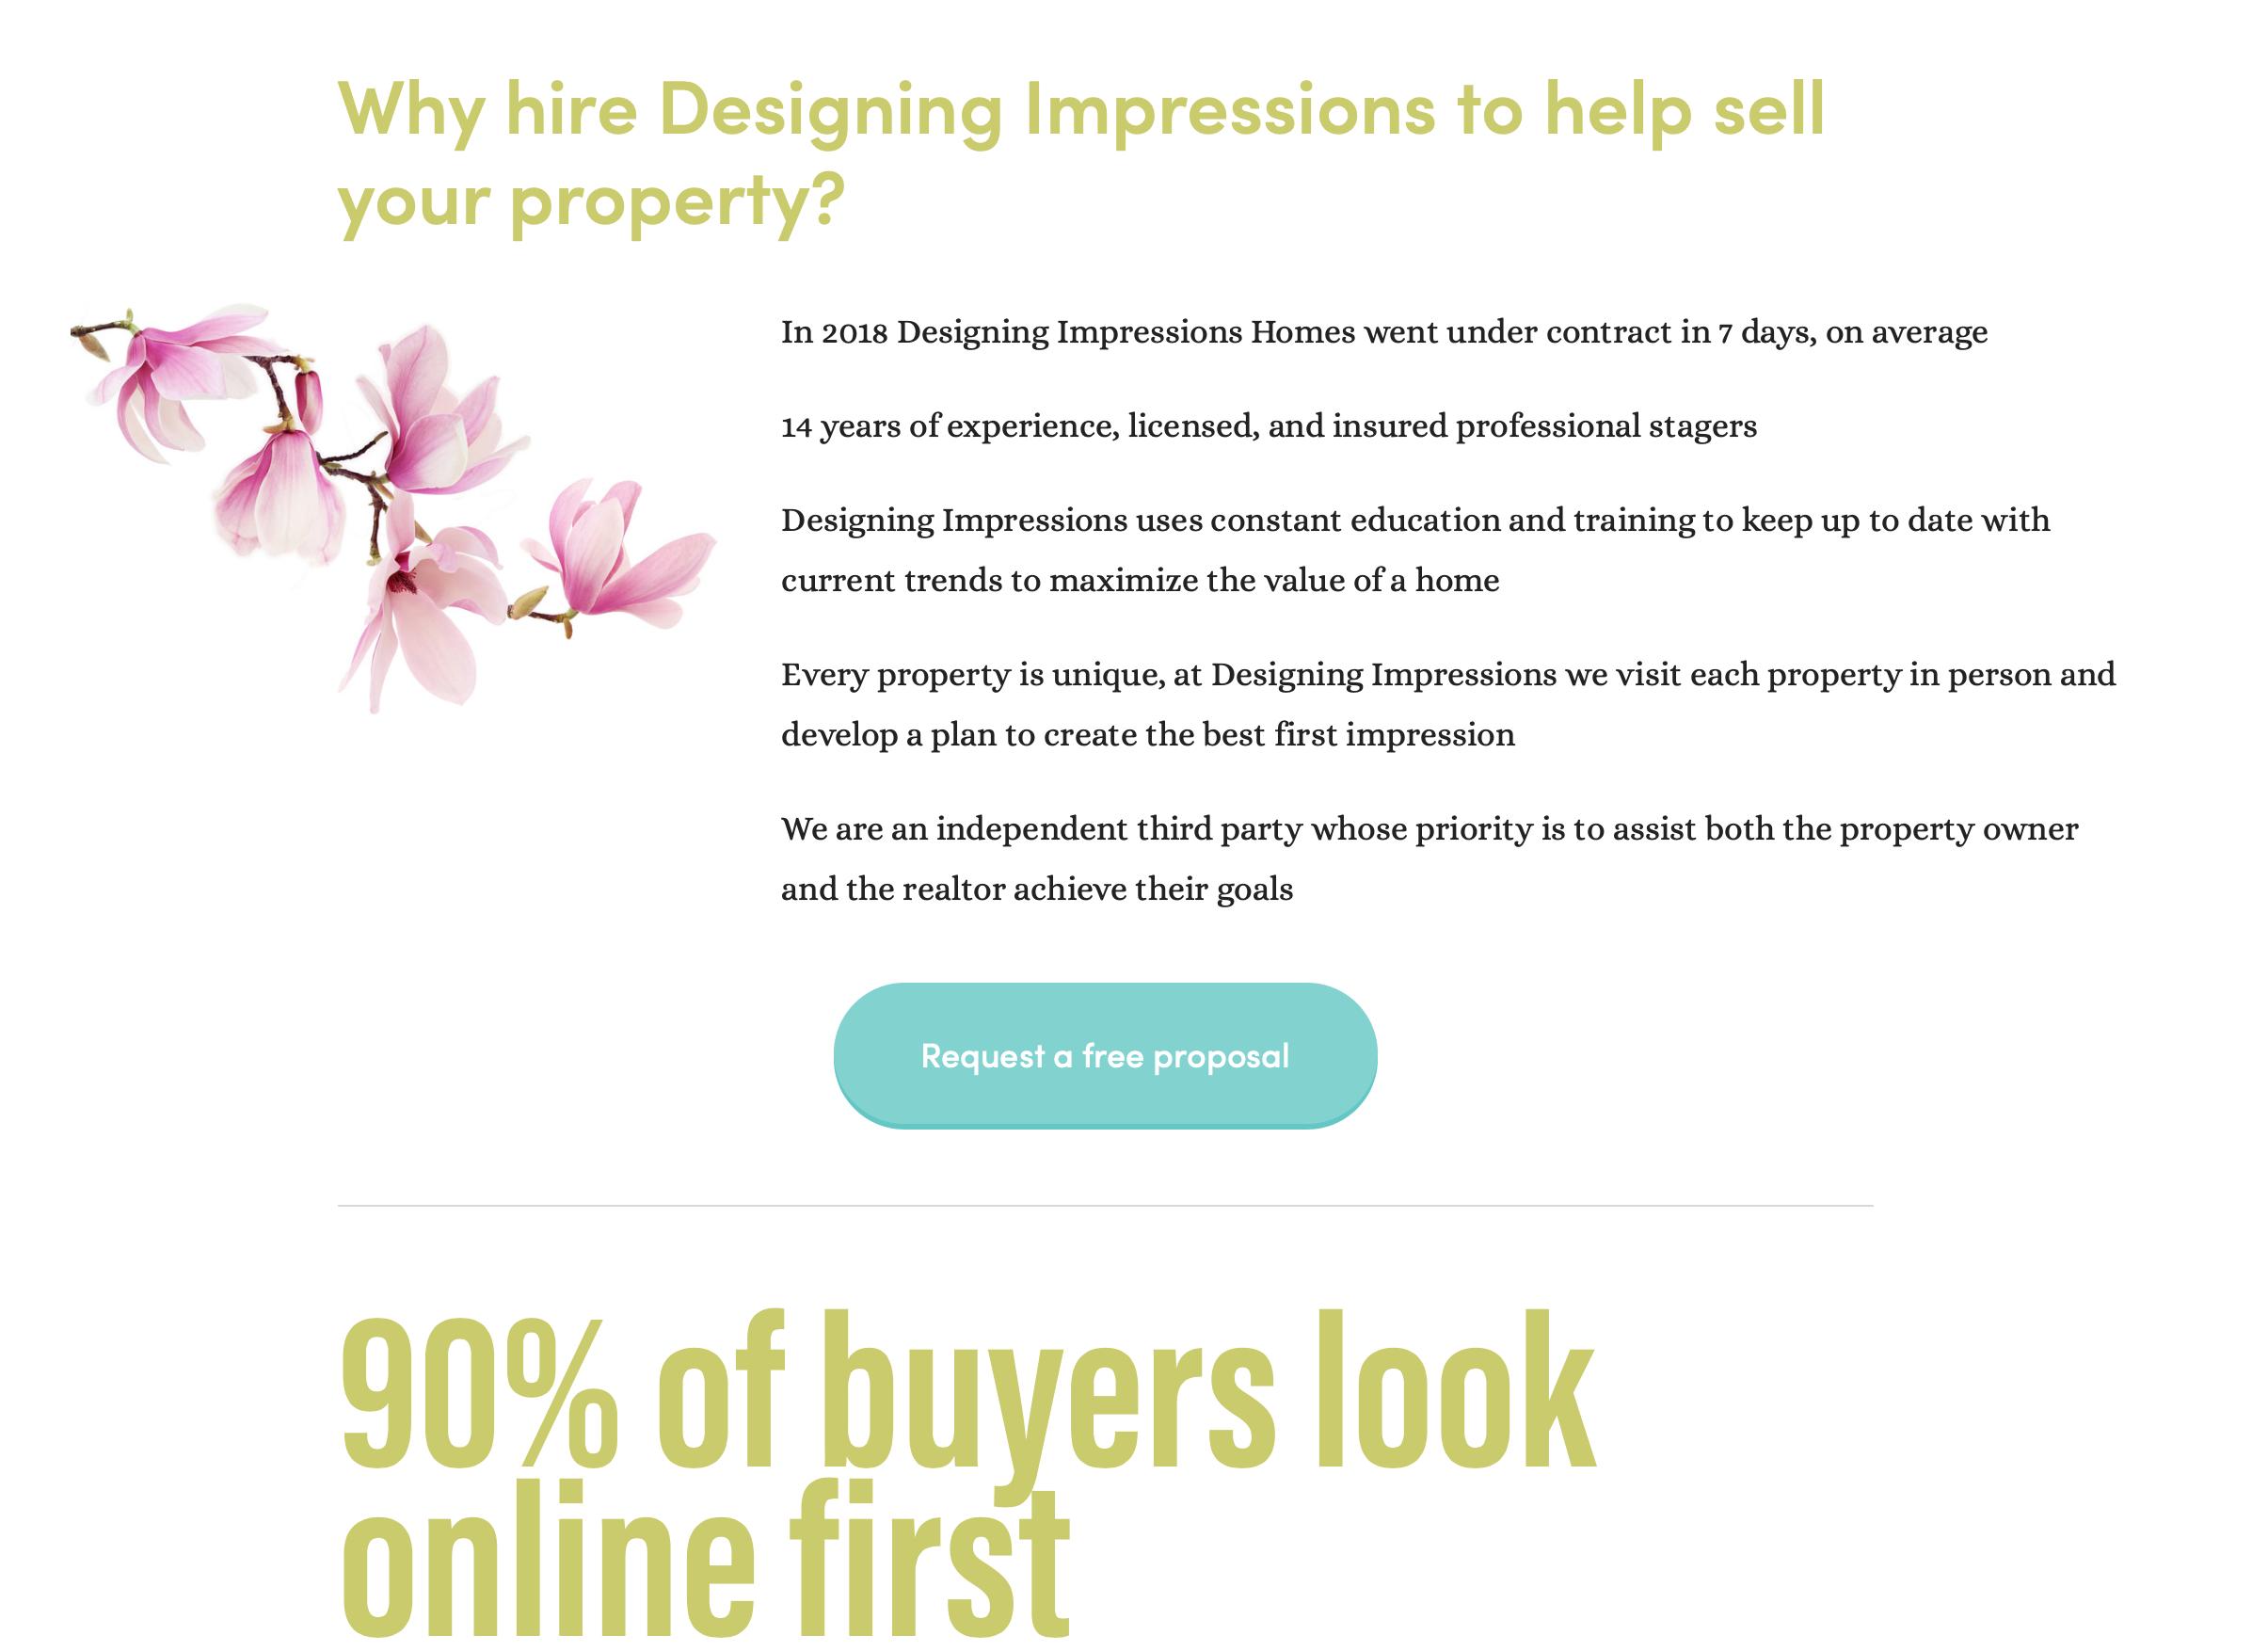 Designing Impressions